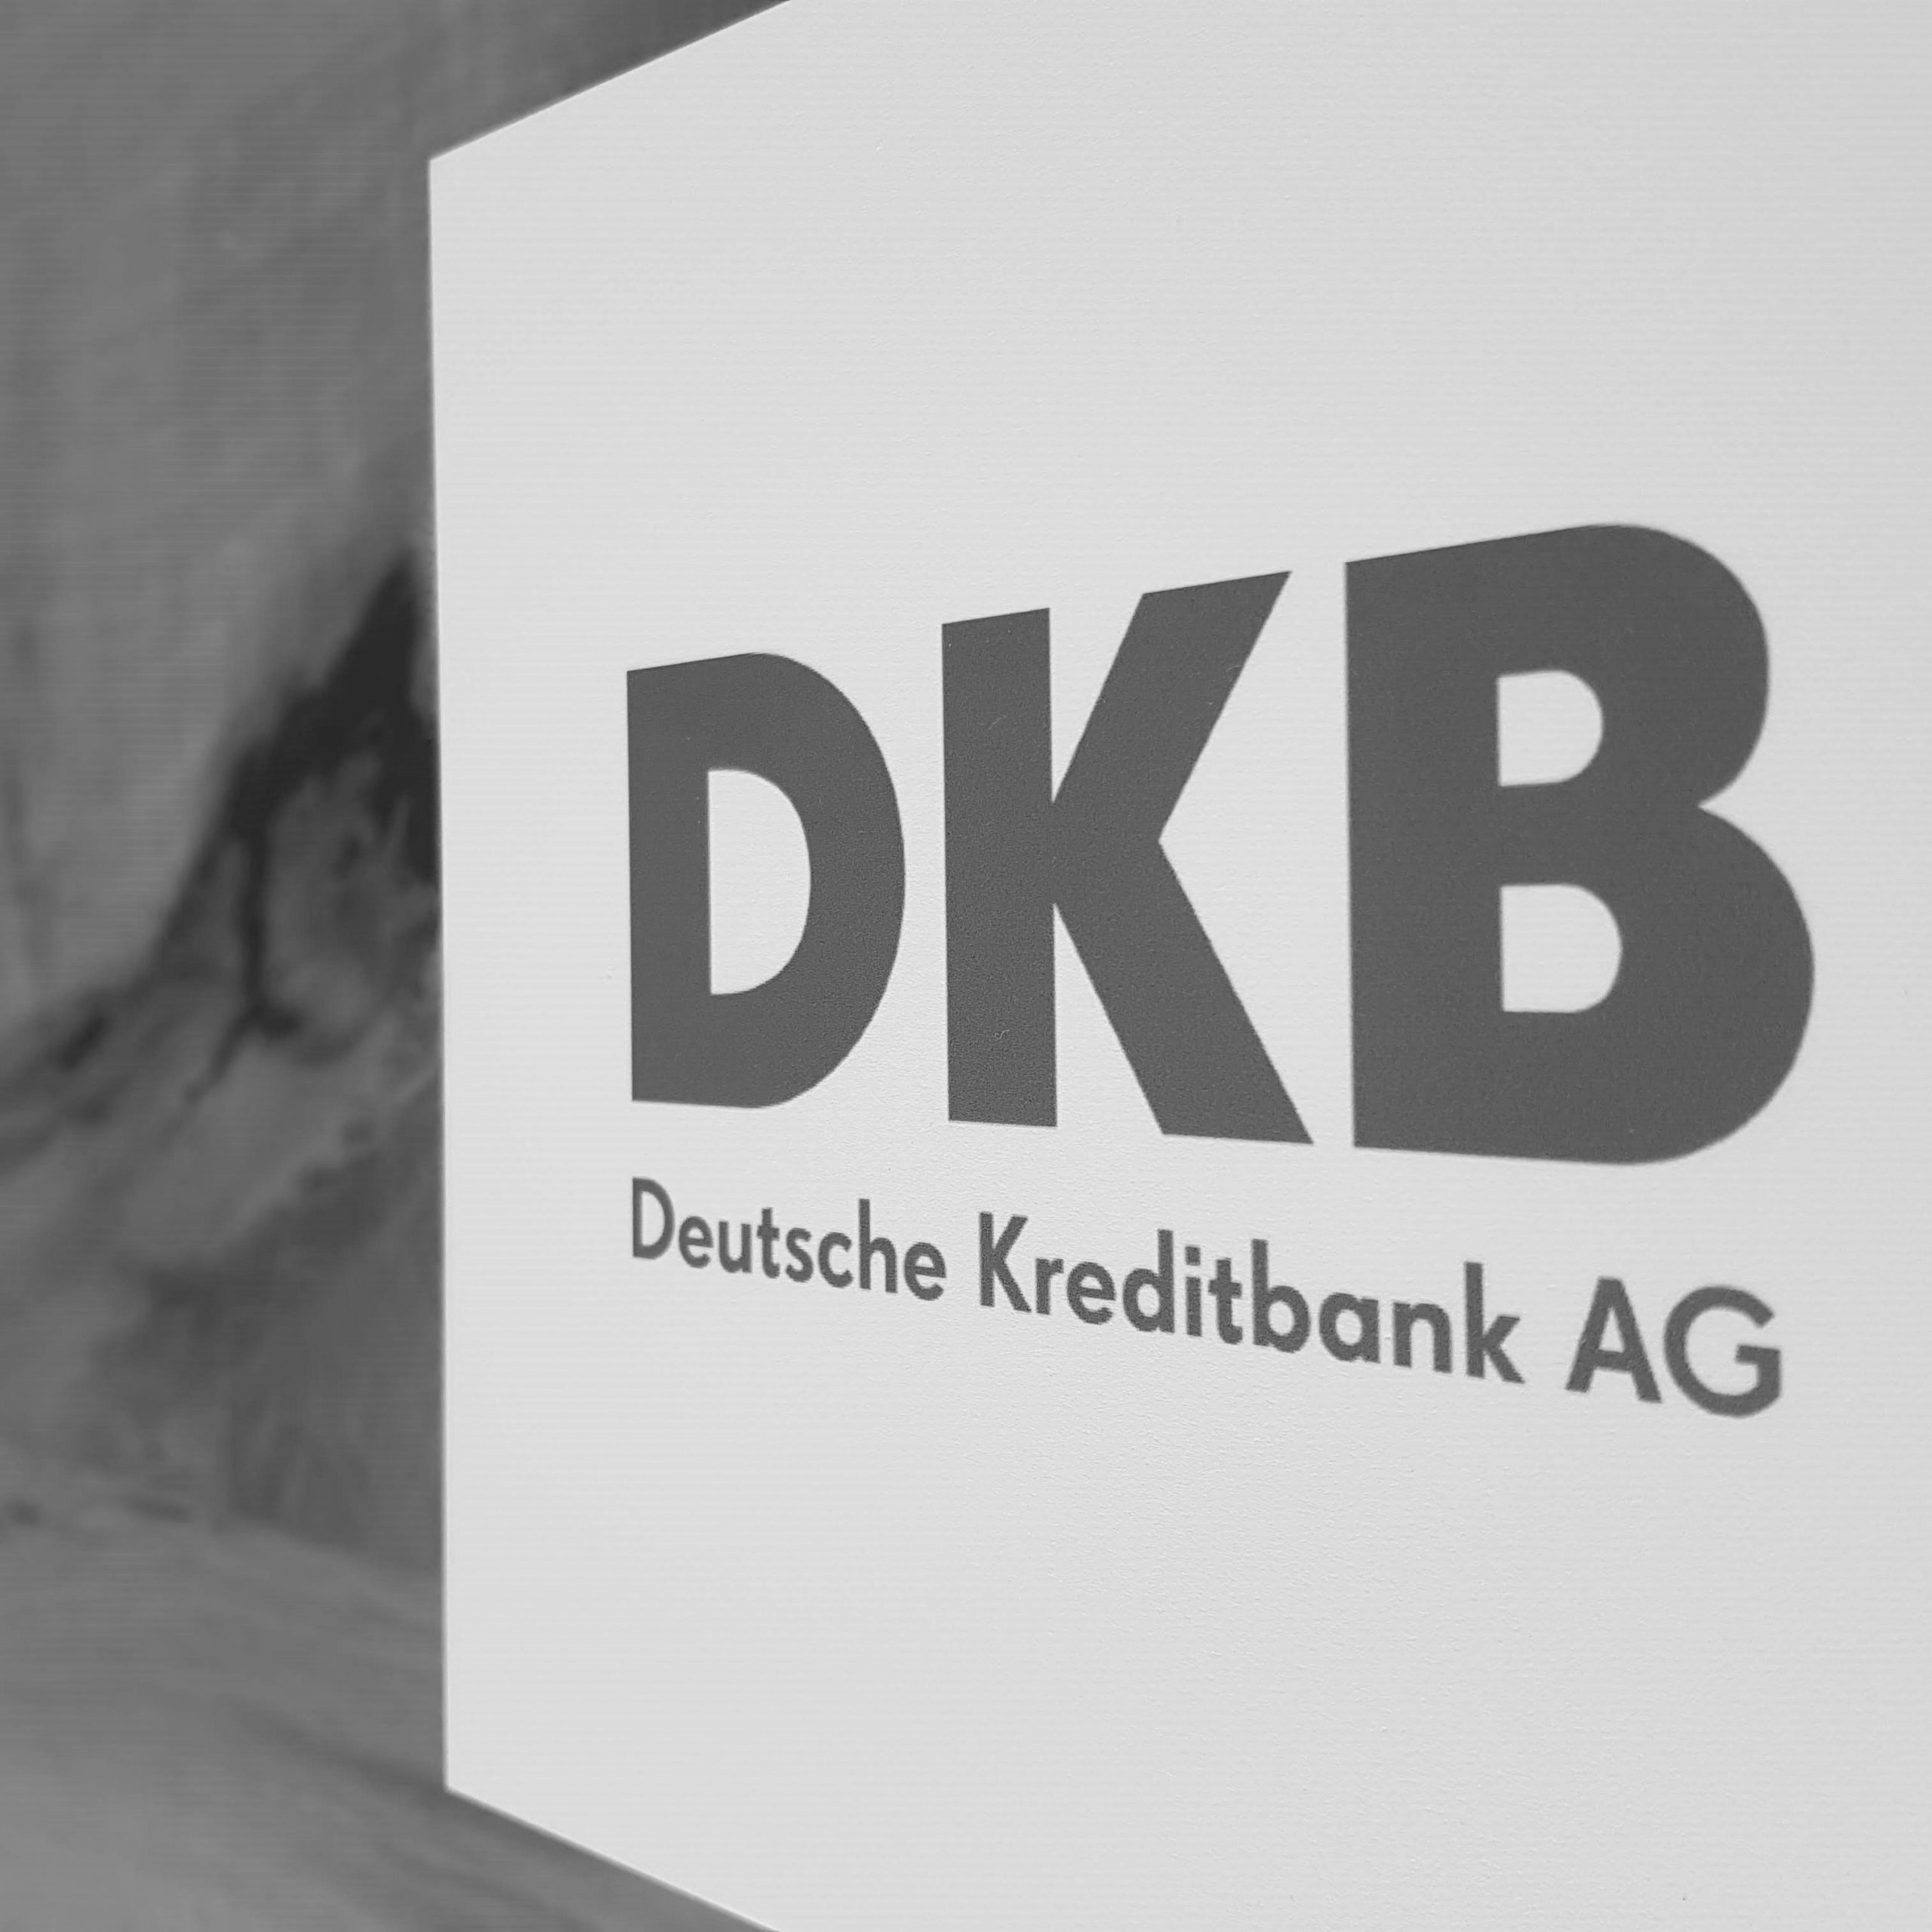 Abfotografiertes Logo DKB Deutsche Kreditbank AG schwarzweiß